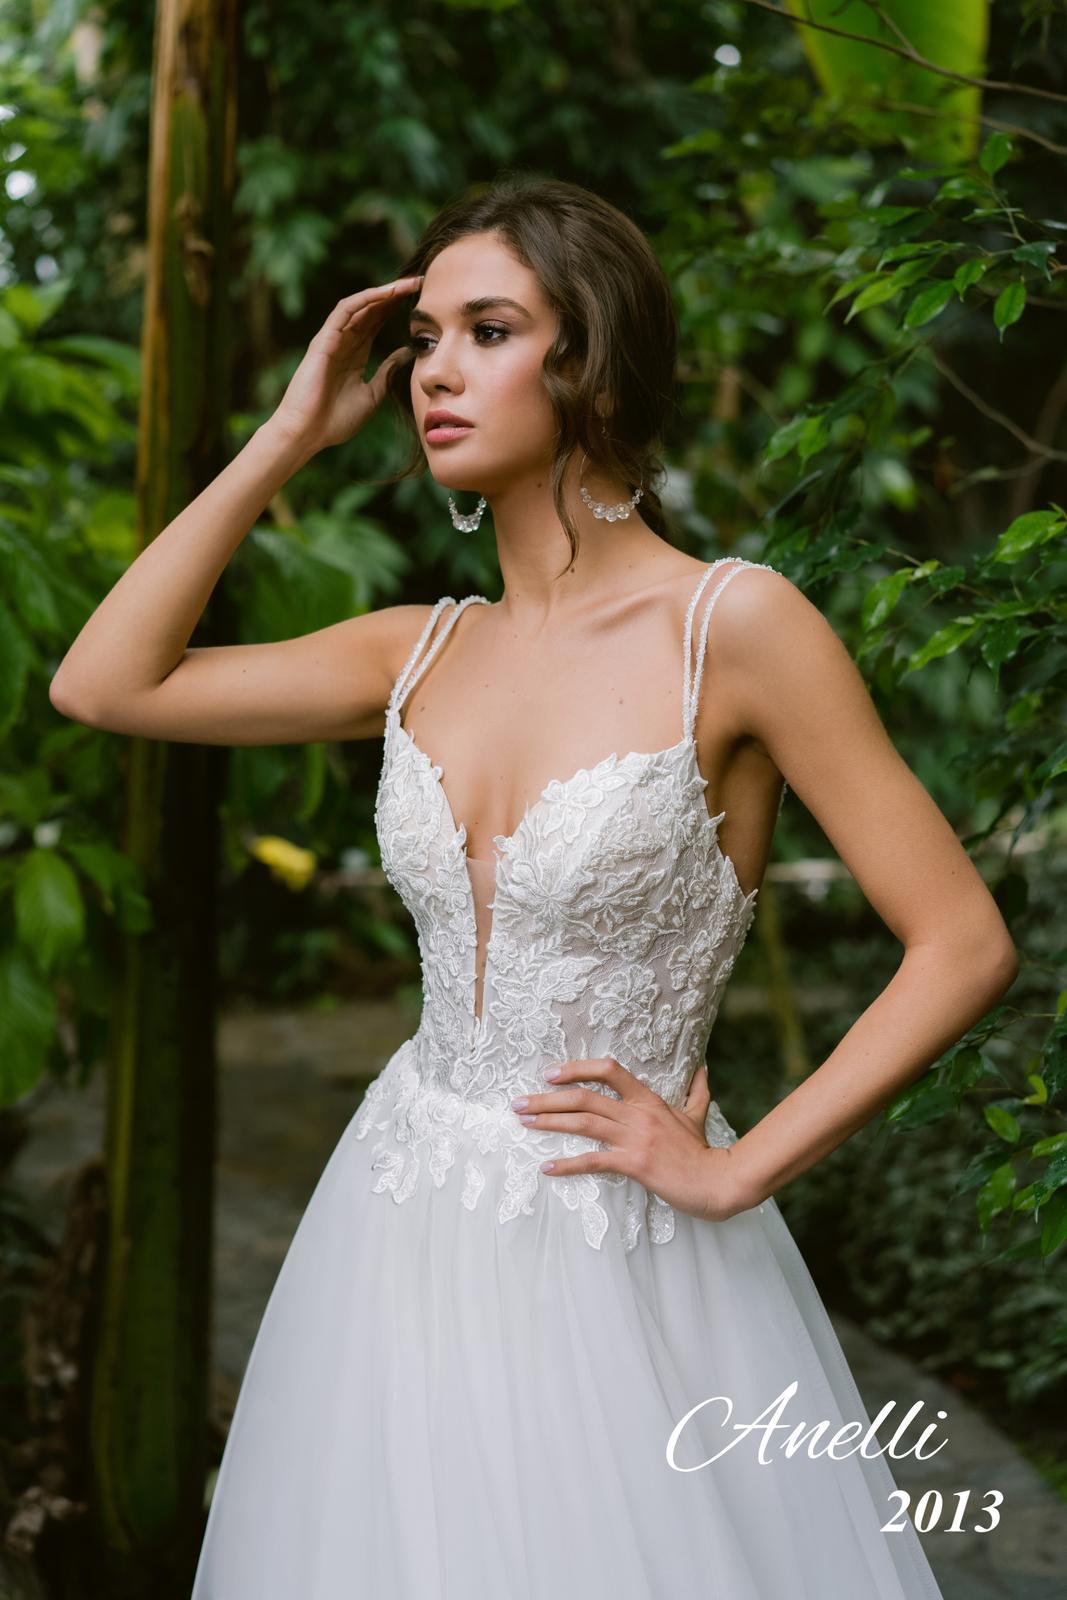 Svadobné šaty - Breeze 2013 - Obrázok č. 1